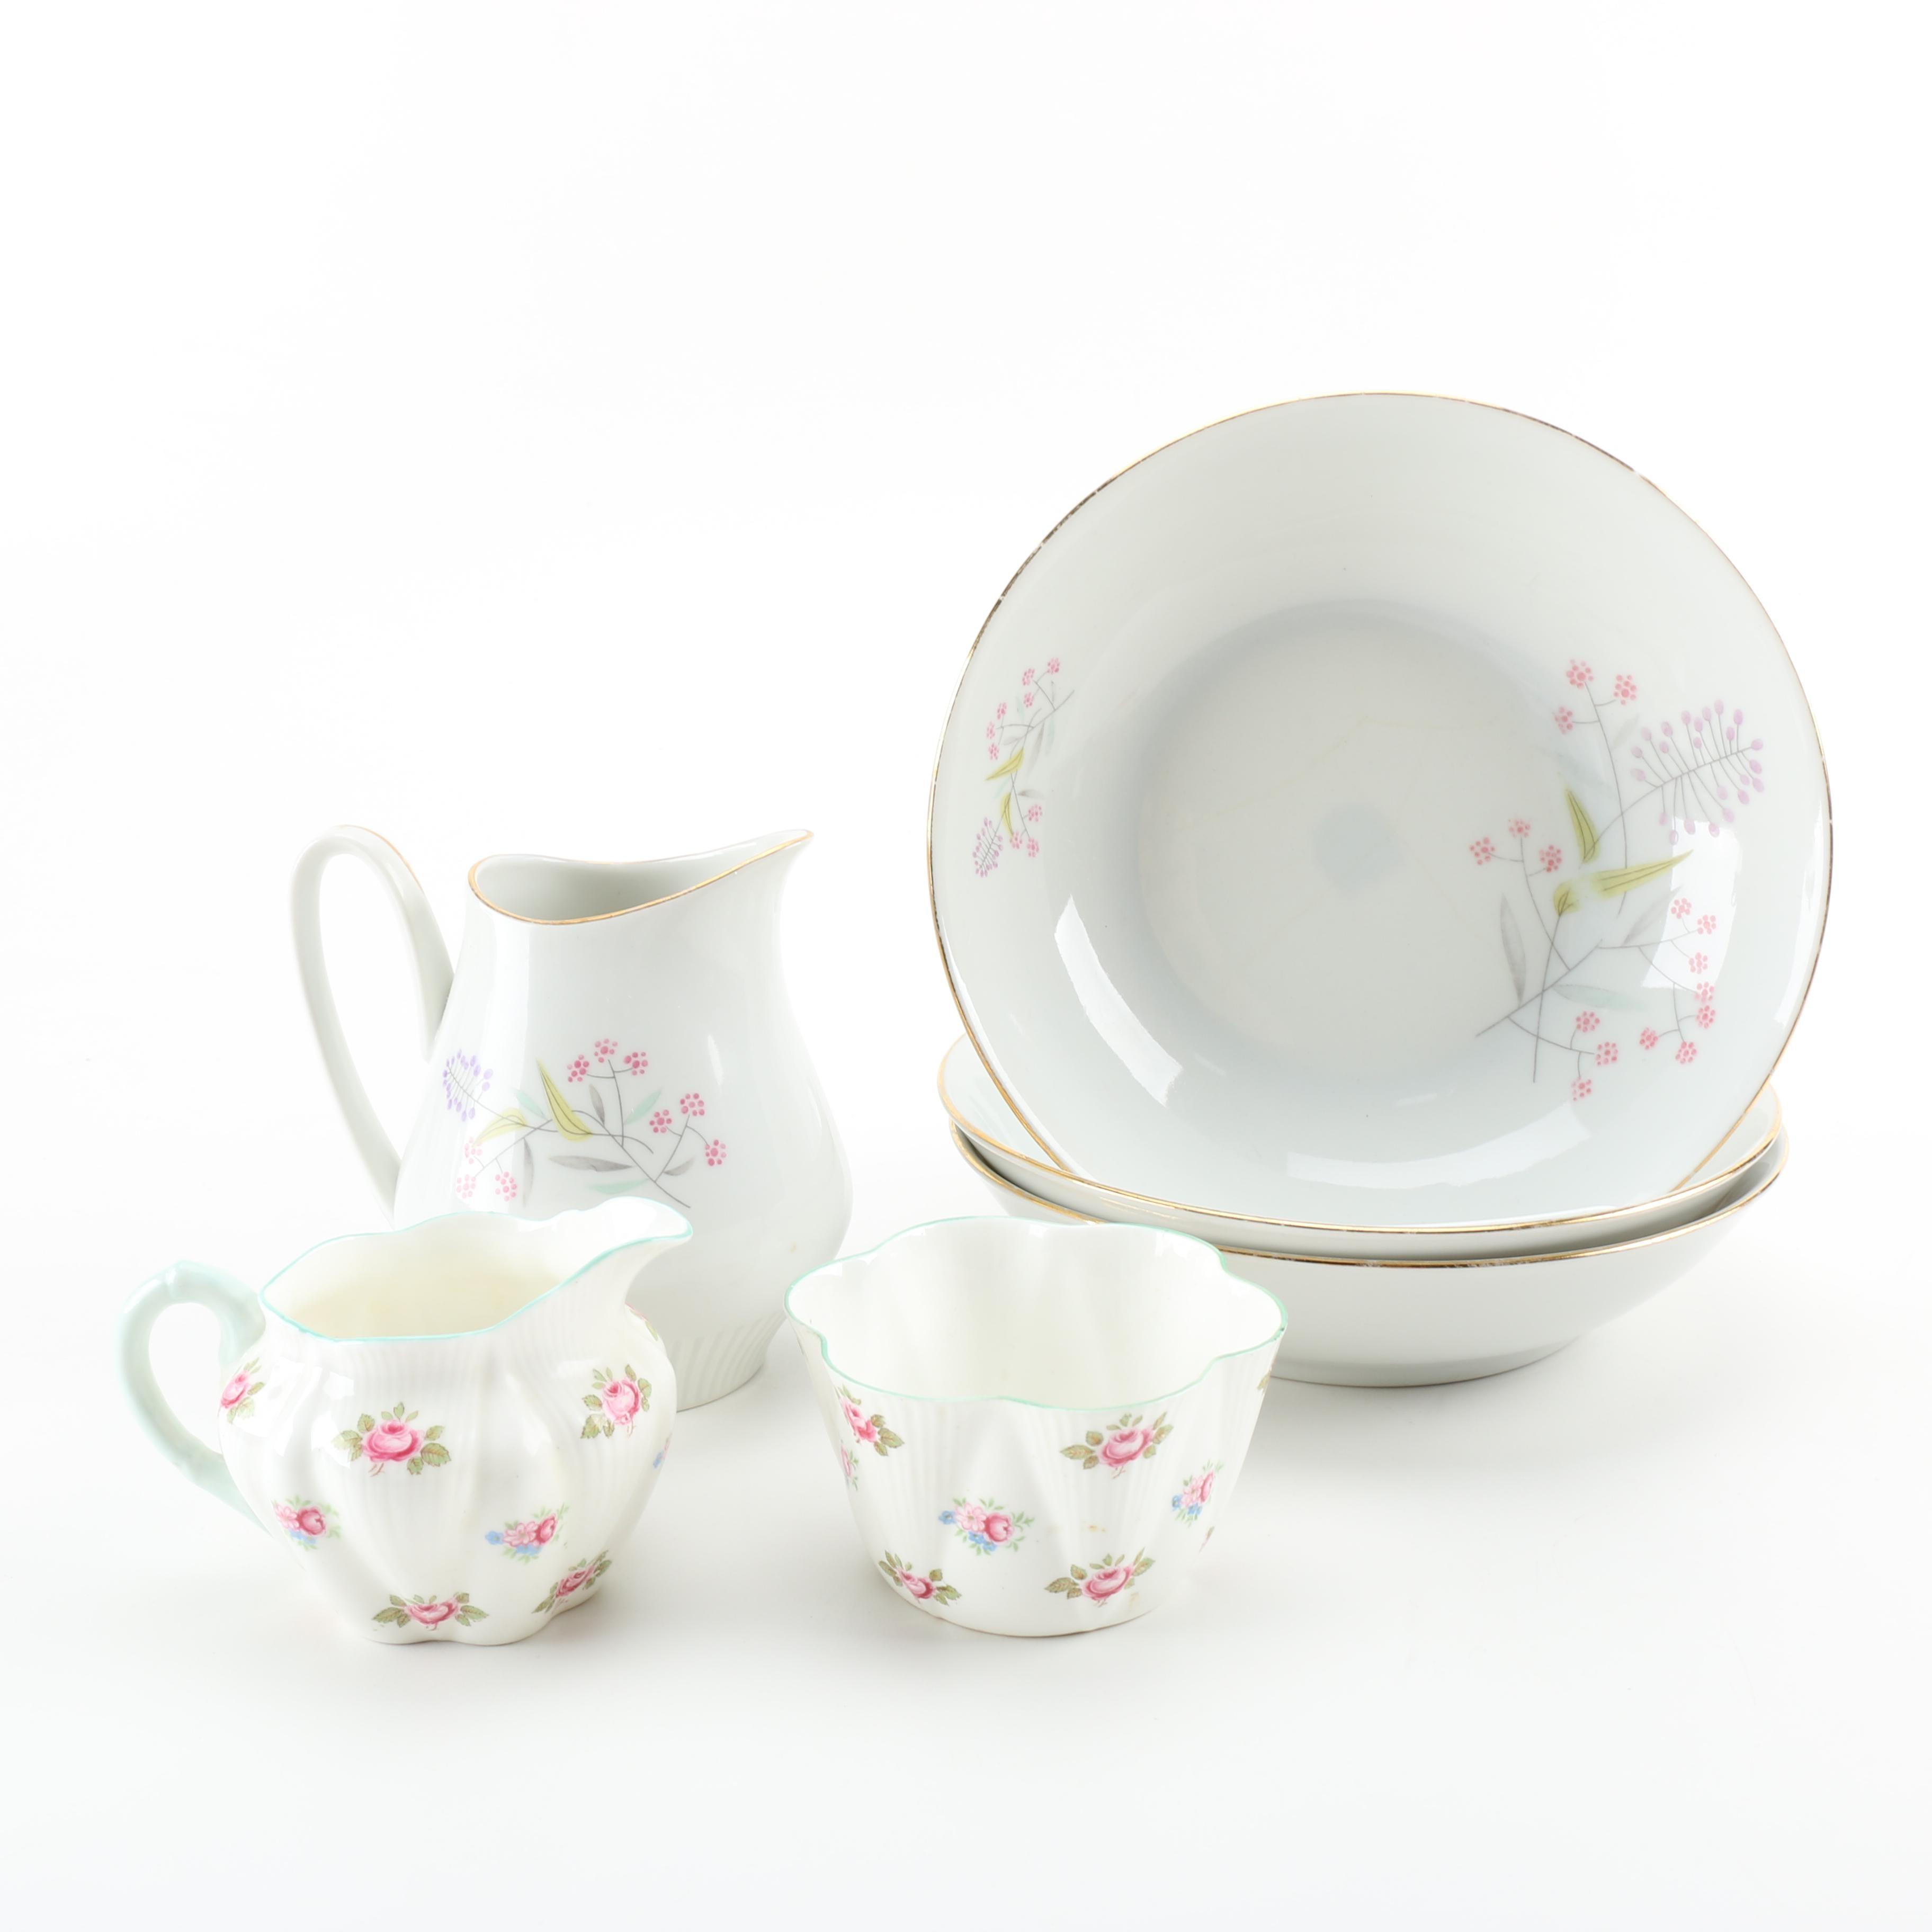 """Shelley """"Rosebud"""" Sugar and Creamer and Bavarian Bowls and Creamer"""